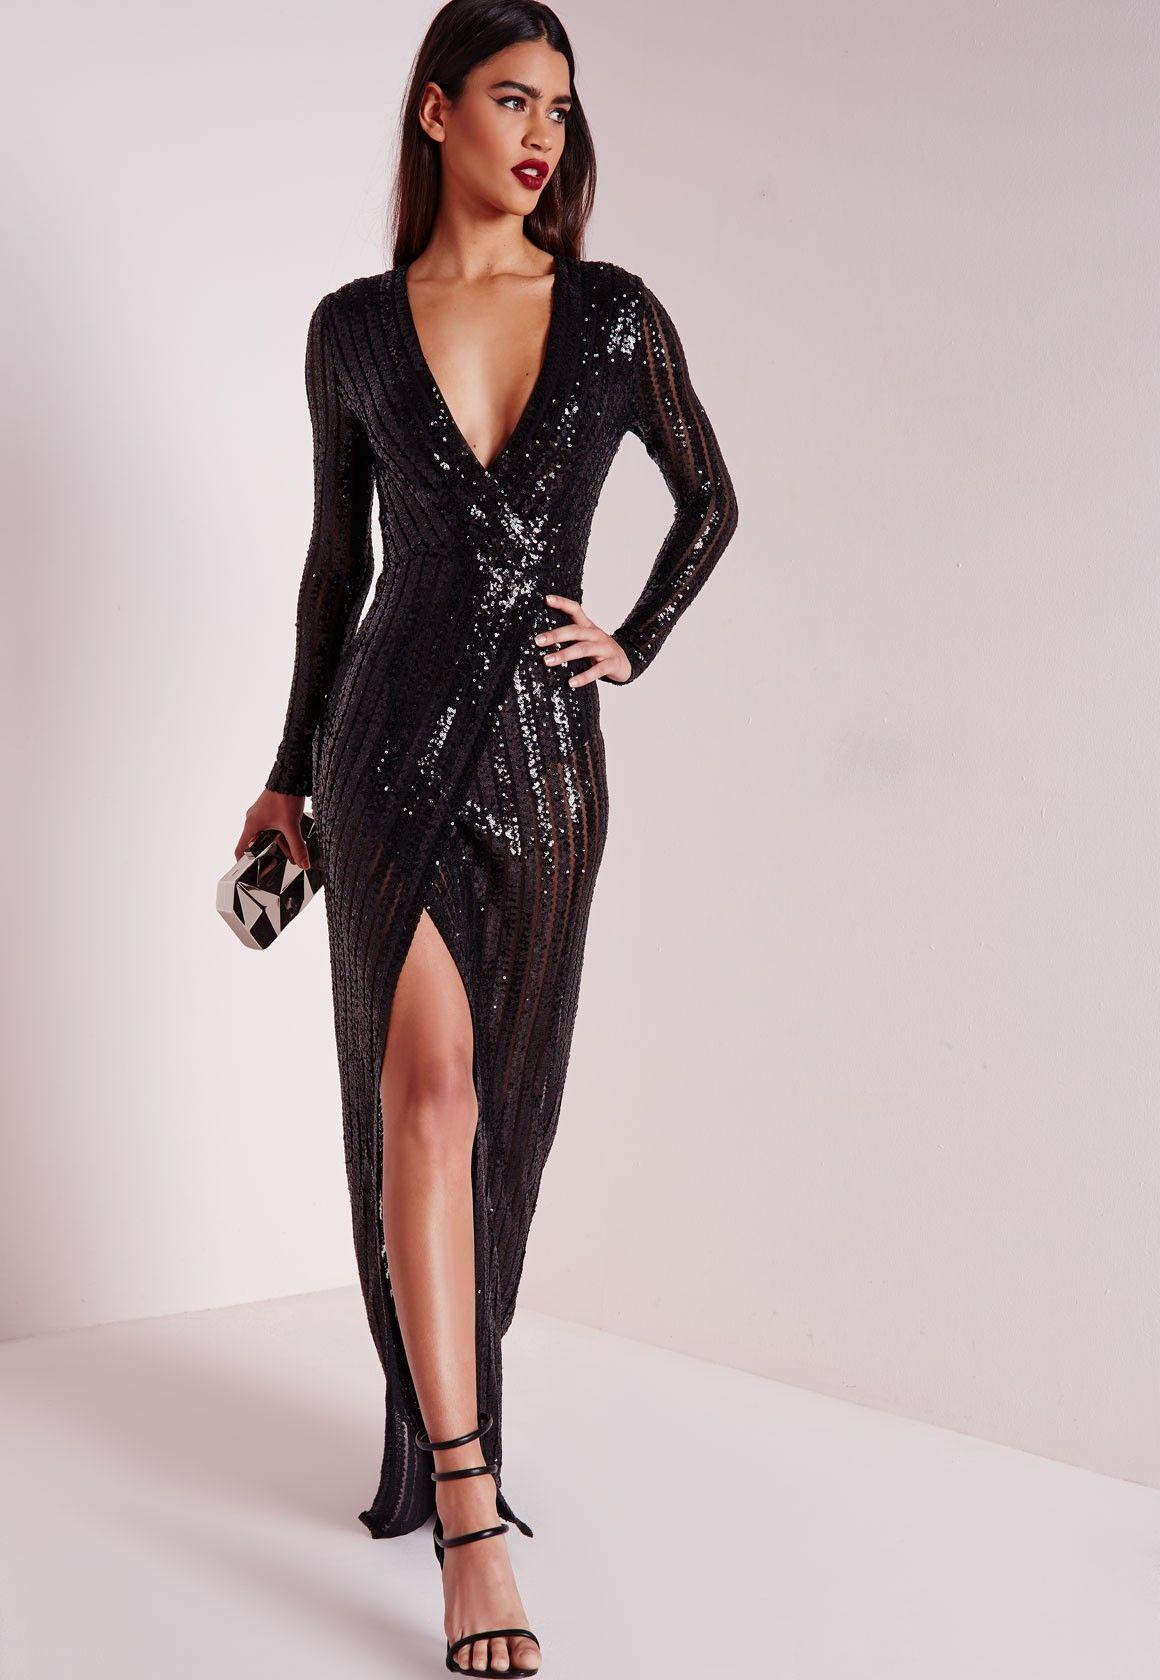 Missguided Premium Sequin Stripe Wrap Maxi Dress Black Long Black Sequin Dress Long Sequin Dress Black Sequin Gown